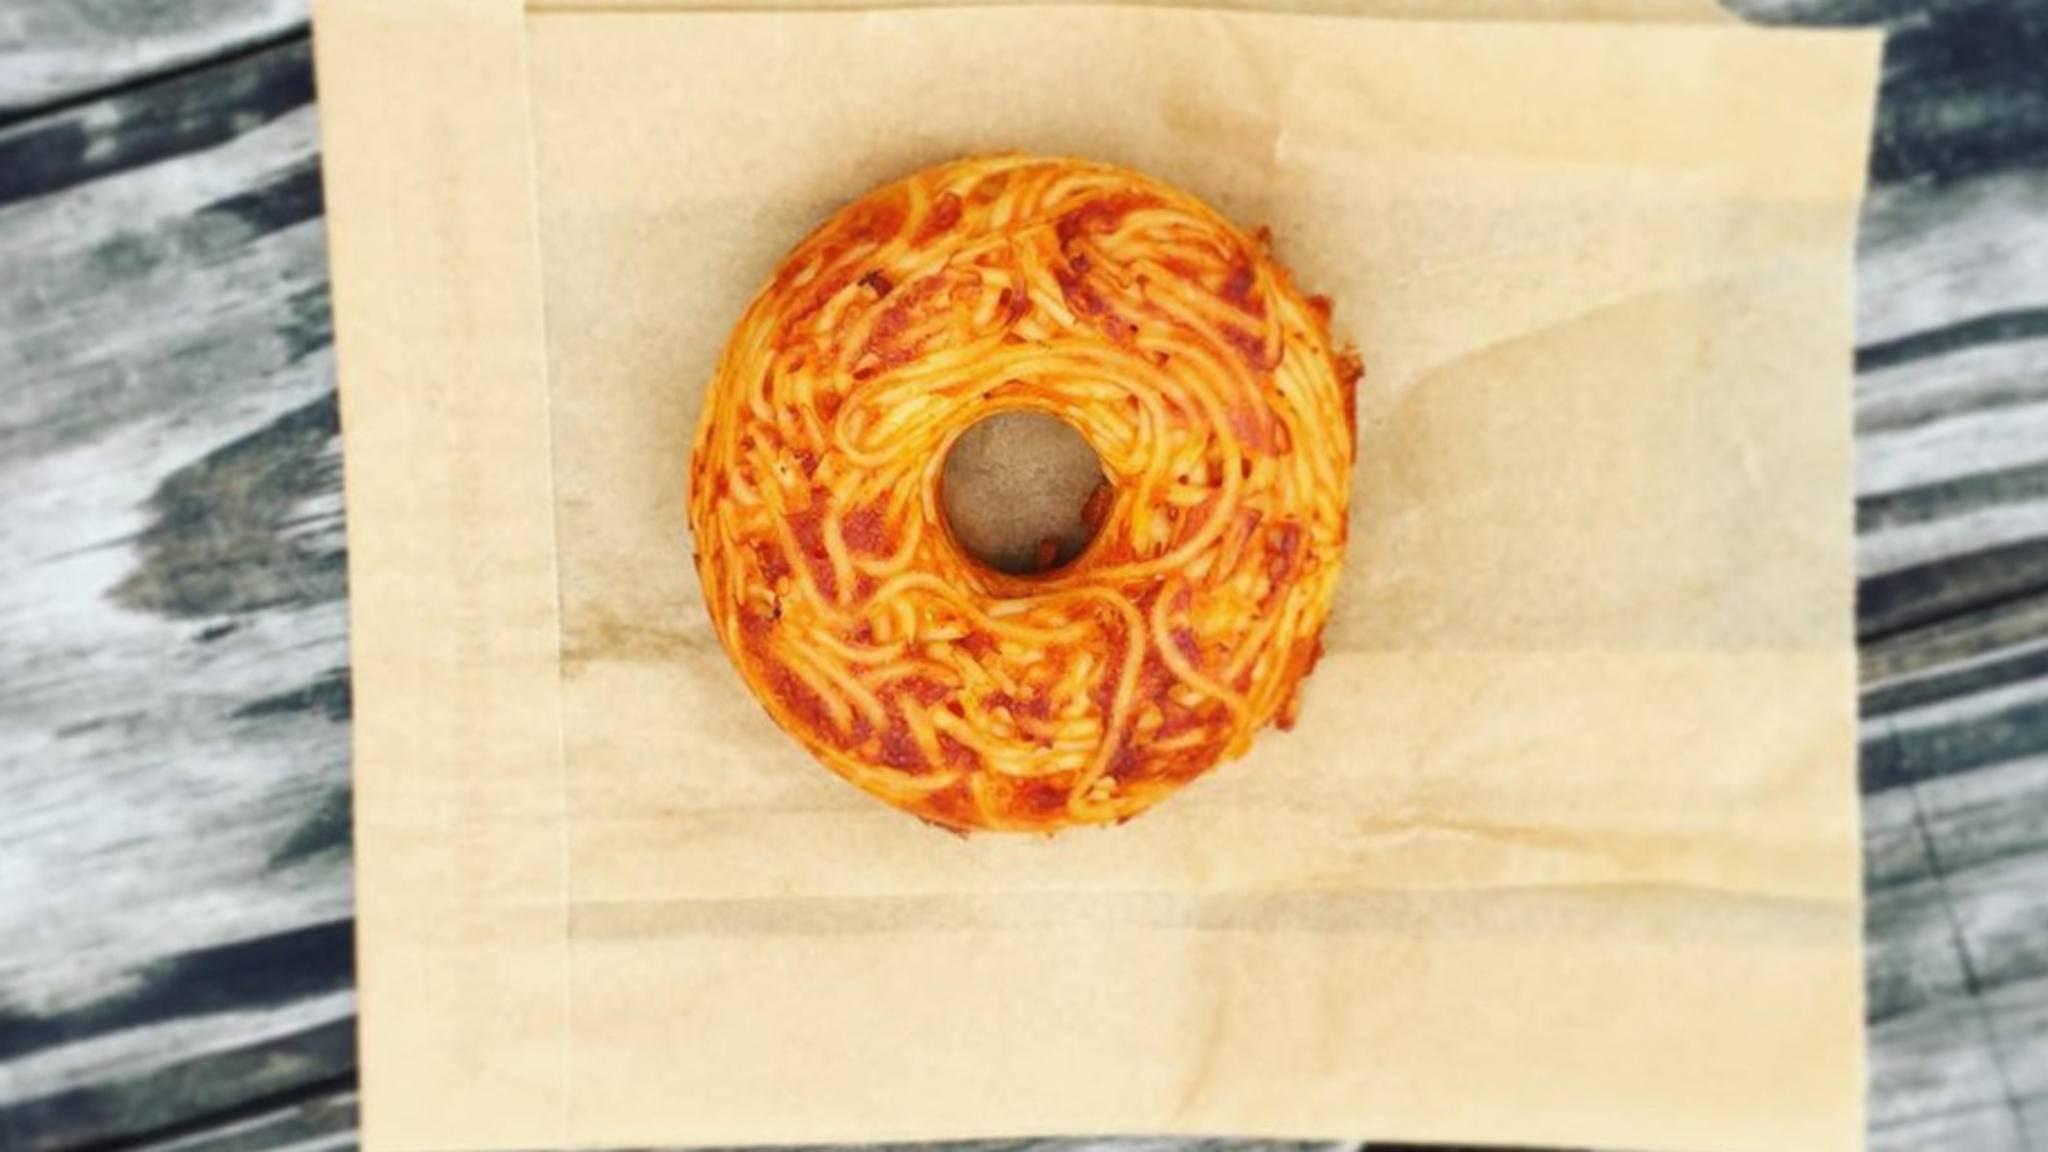 Ob das schmeckt? Spaghetti und Donuts gehen eine kulinarische Verbindung ein.